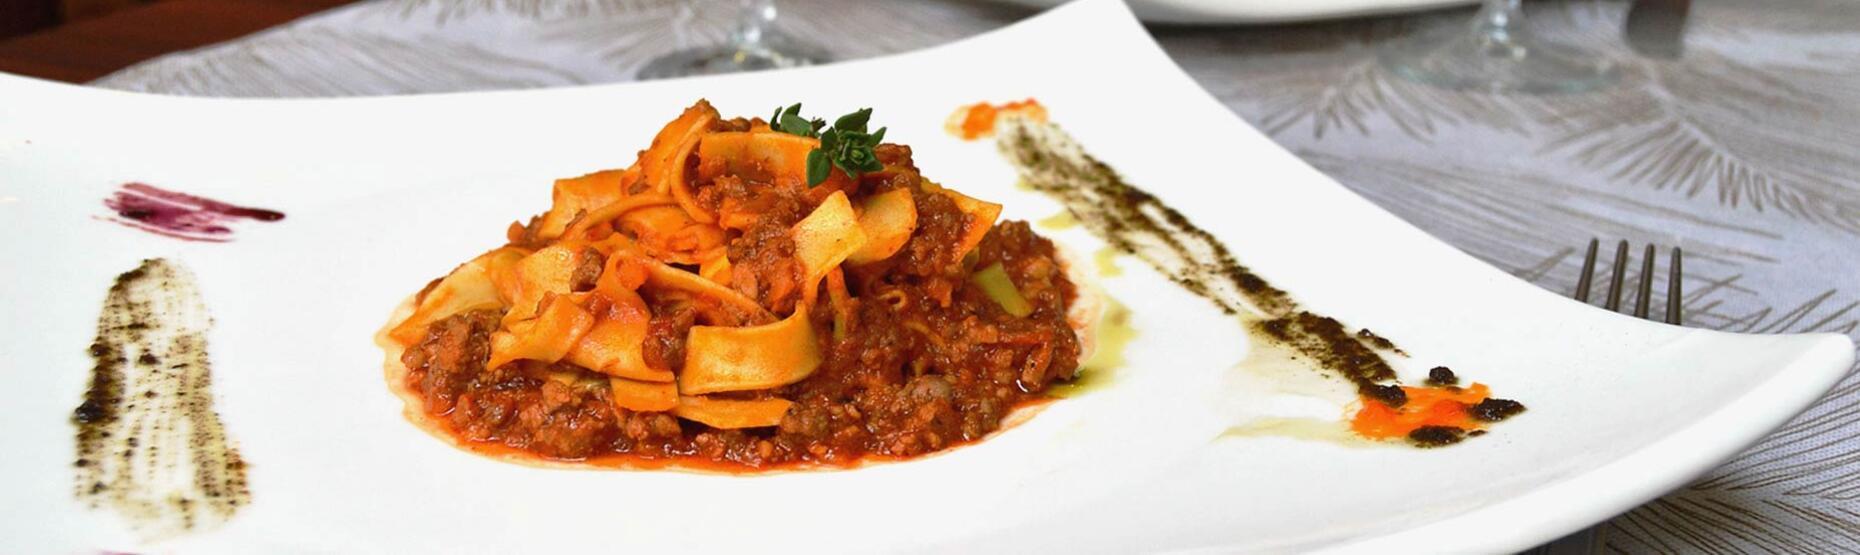 hoteldeiplatani fr restaurant-pour-vegans-vegetariens 019